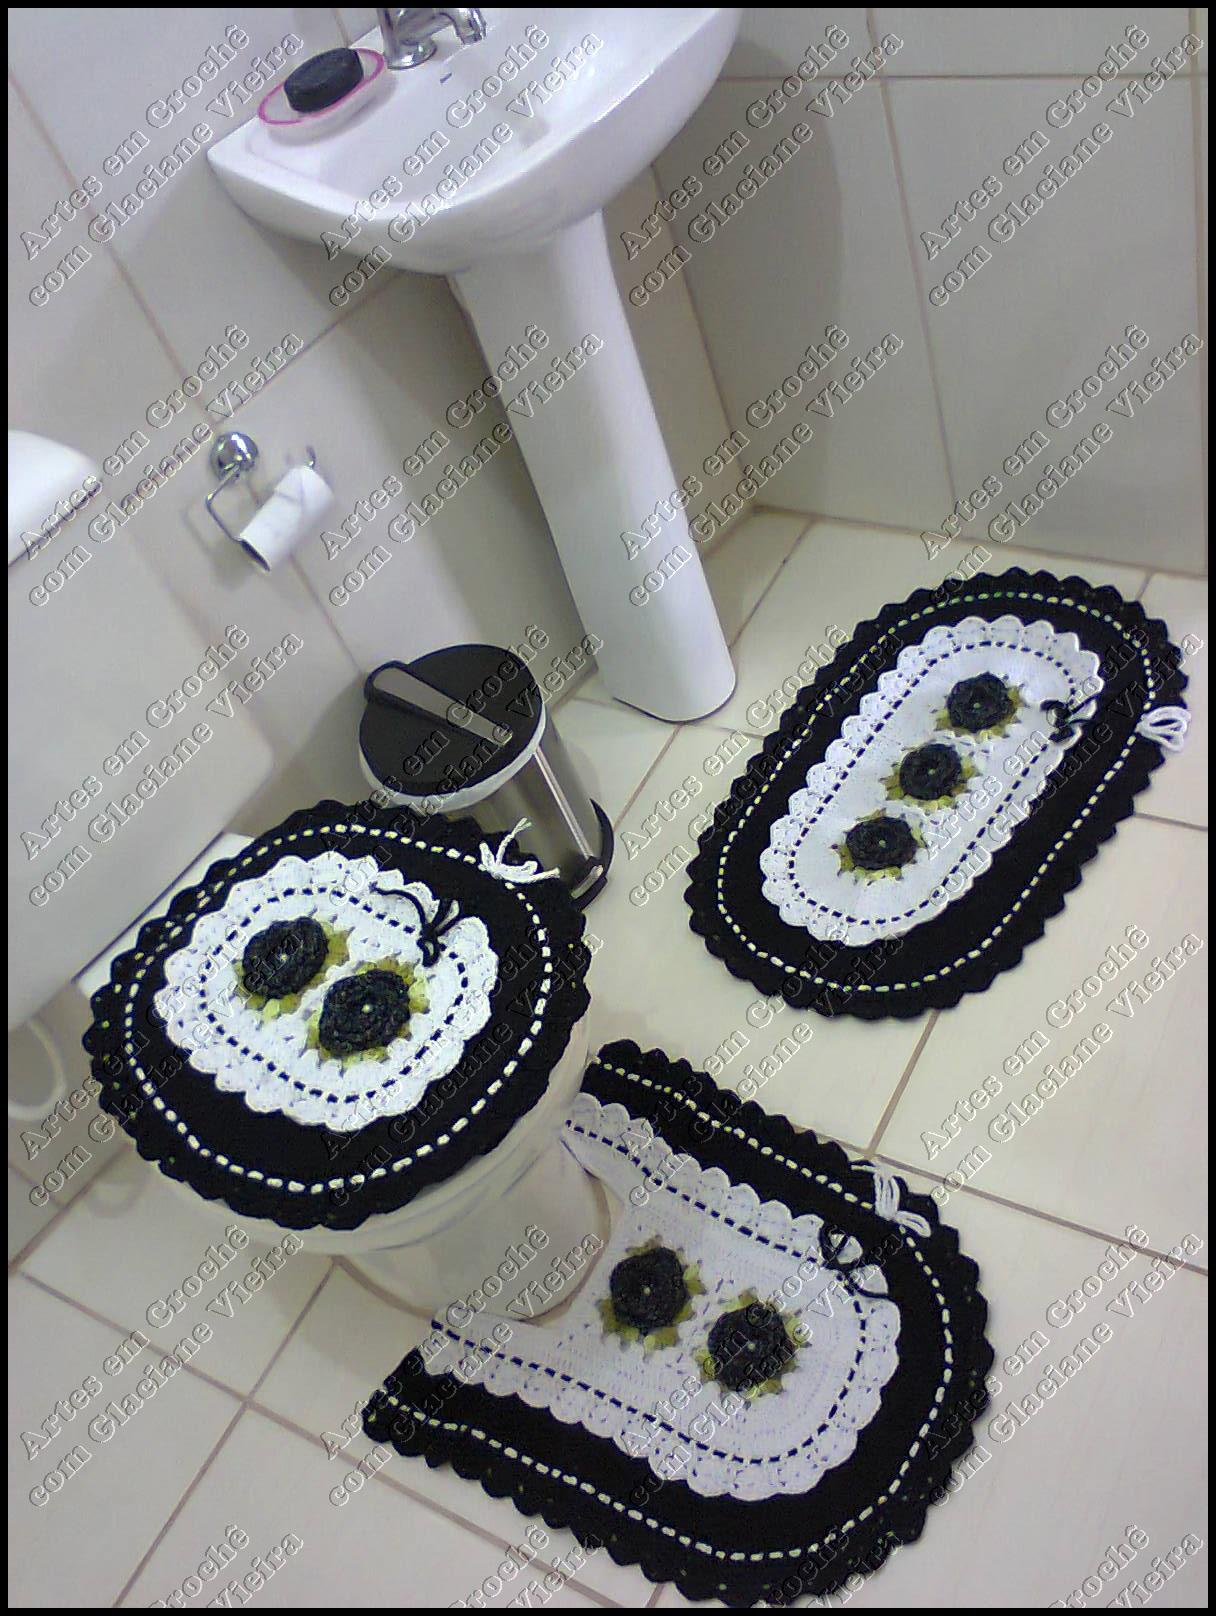 Jogo de Banheiro Preto e Branco Jogo de Banheiro Preto e Branco Jogo  #414364 1216x1616 Armario Para Banheiro Branco E Preto